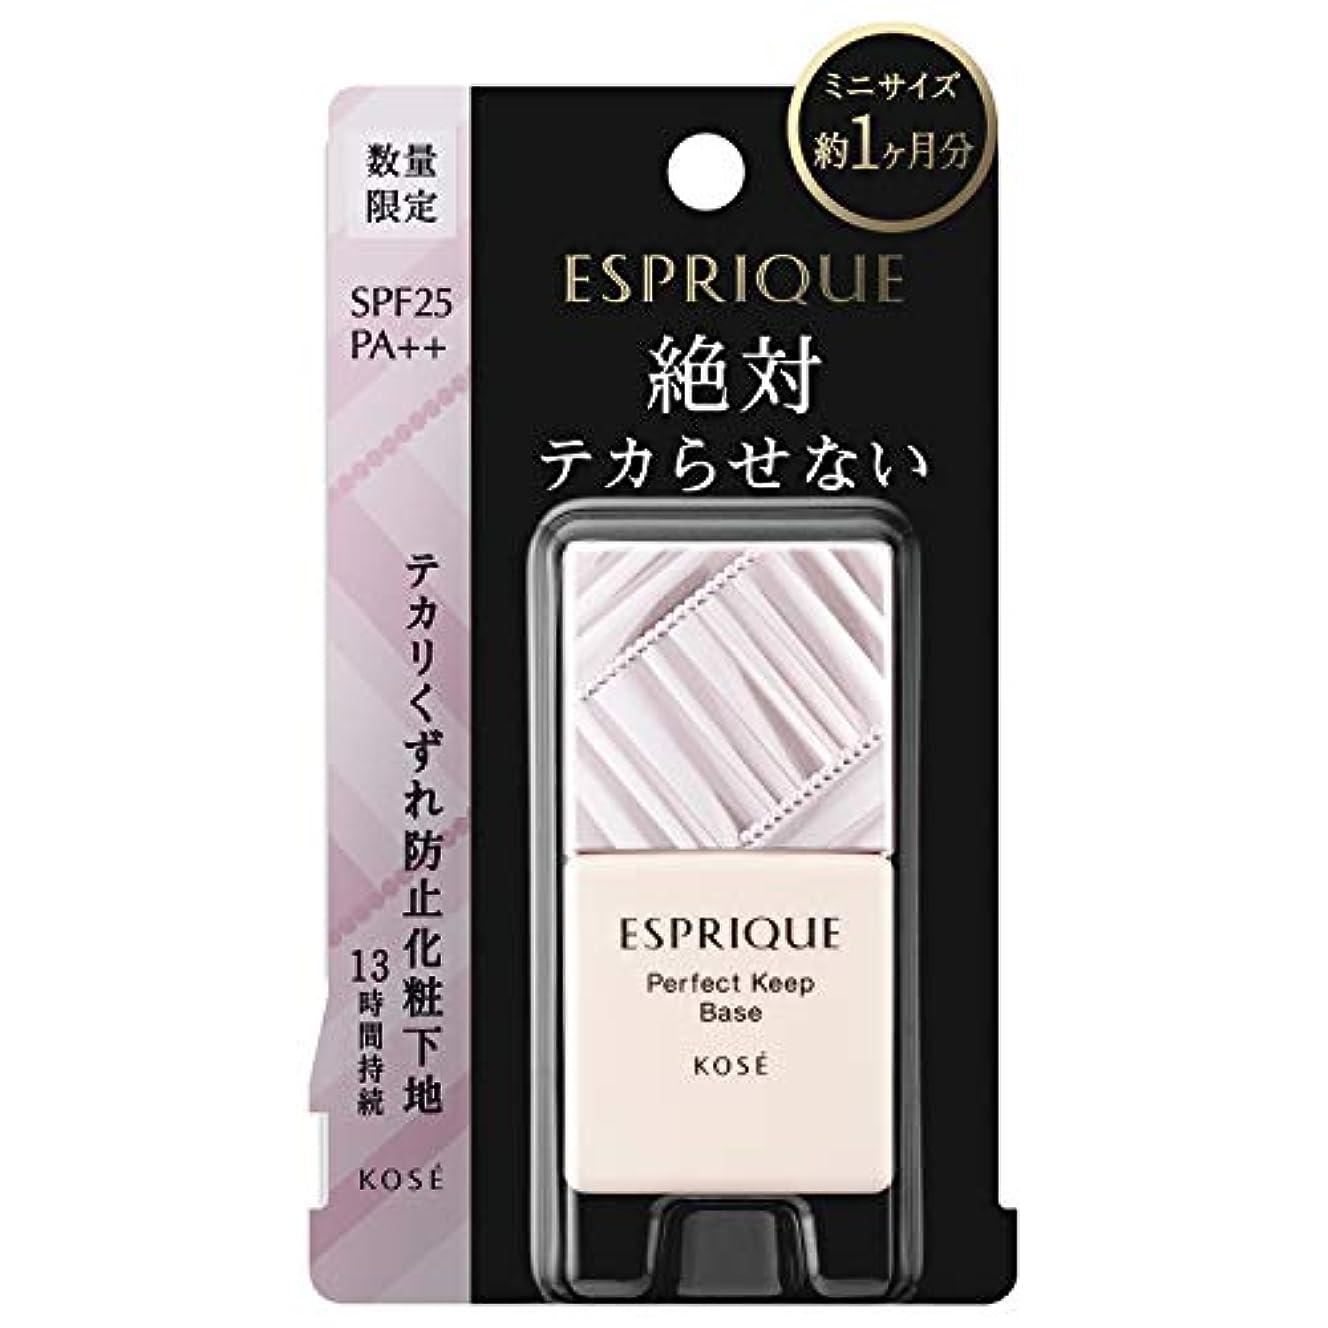 植木ロール理論的ESPRIQUE(エスプリーク) エスプリーク パーフェクト キープ ベース 化粧下地 10g